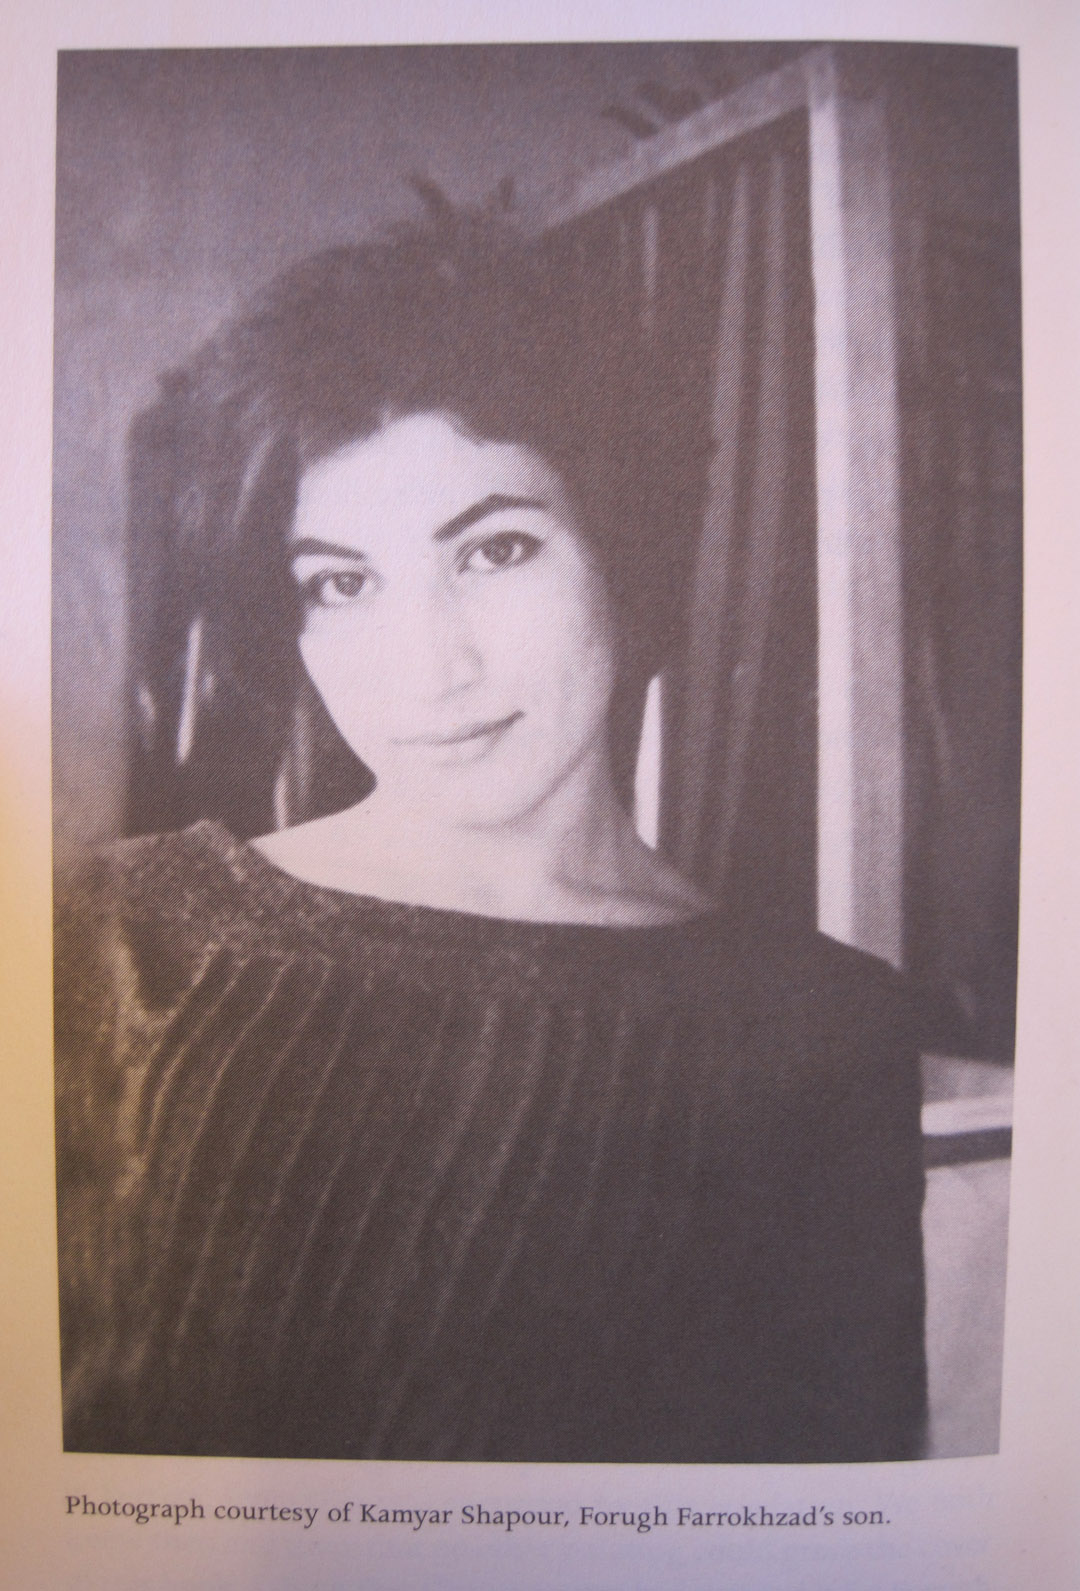 Es una figura esencial en la historia de la cultura de Irán durante el siglo XX